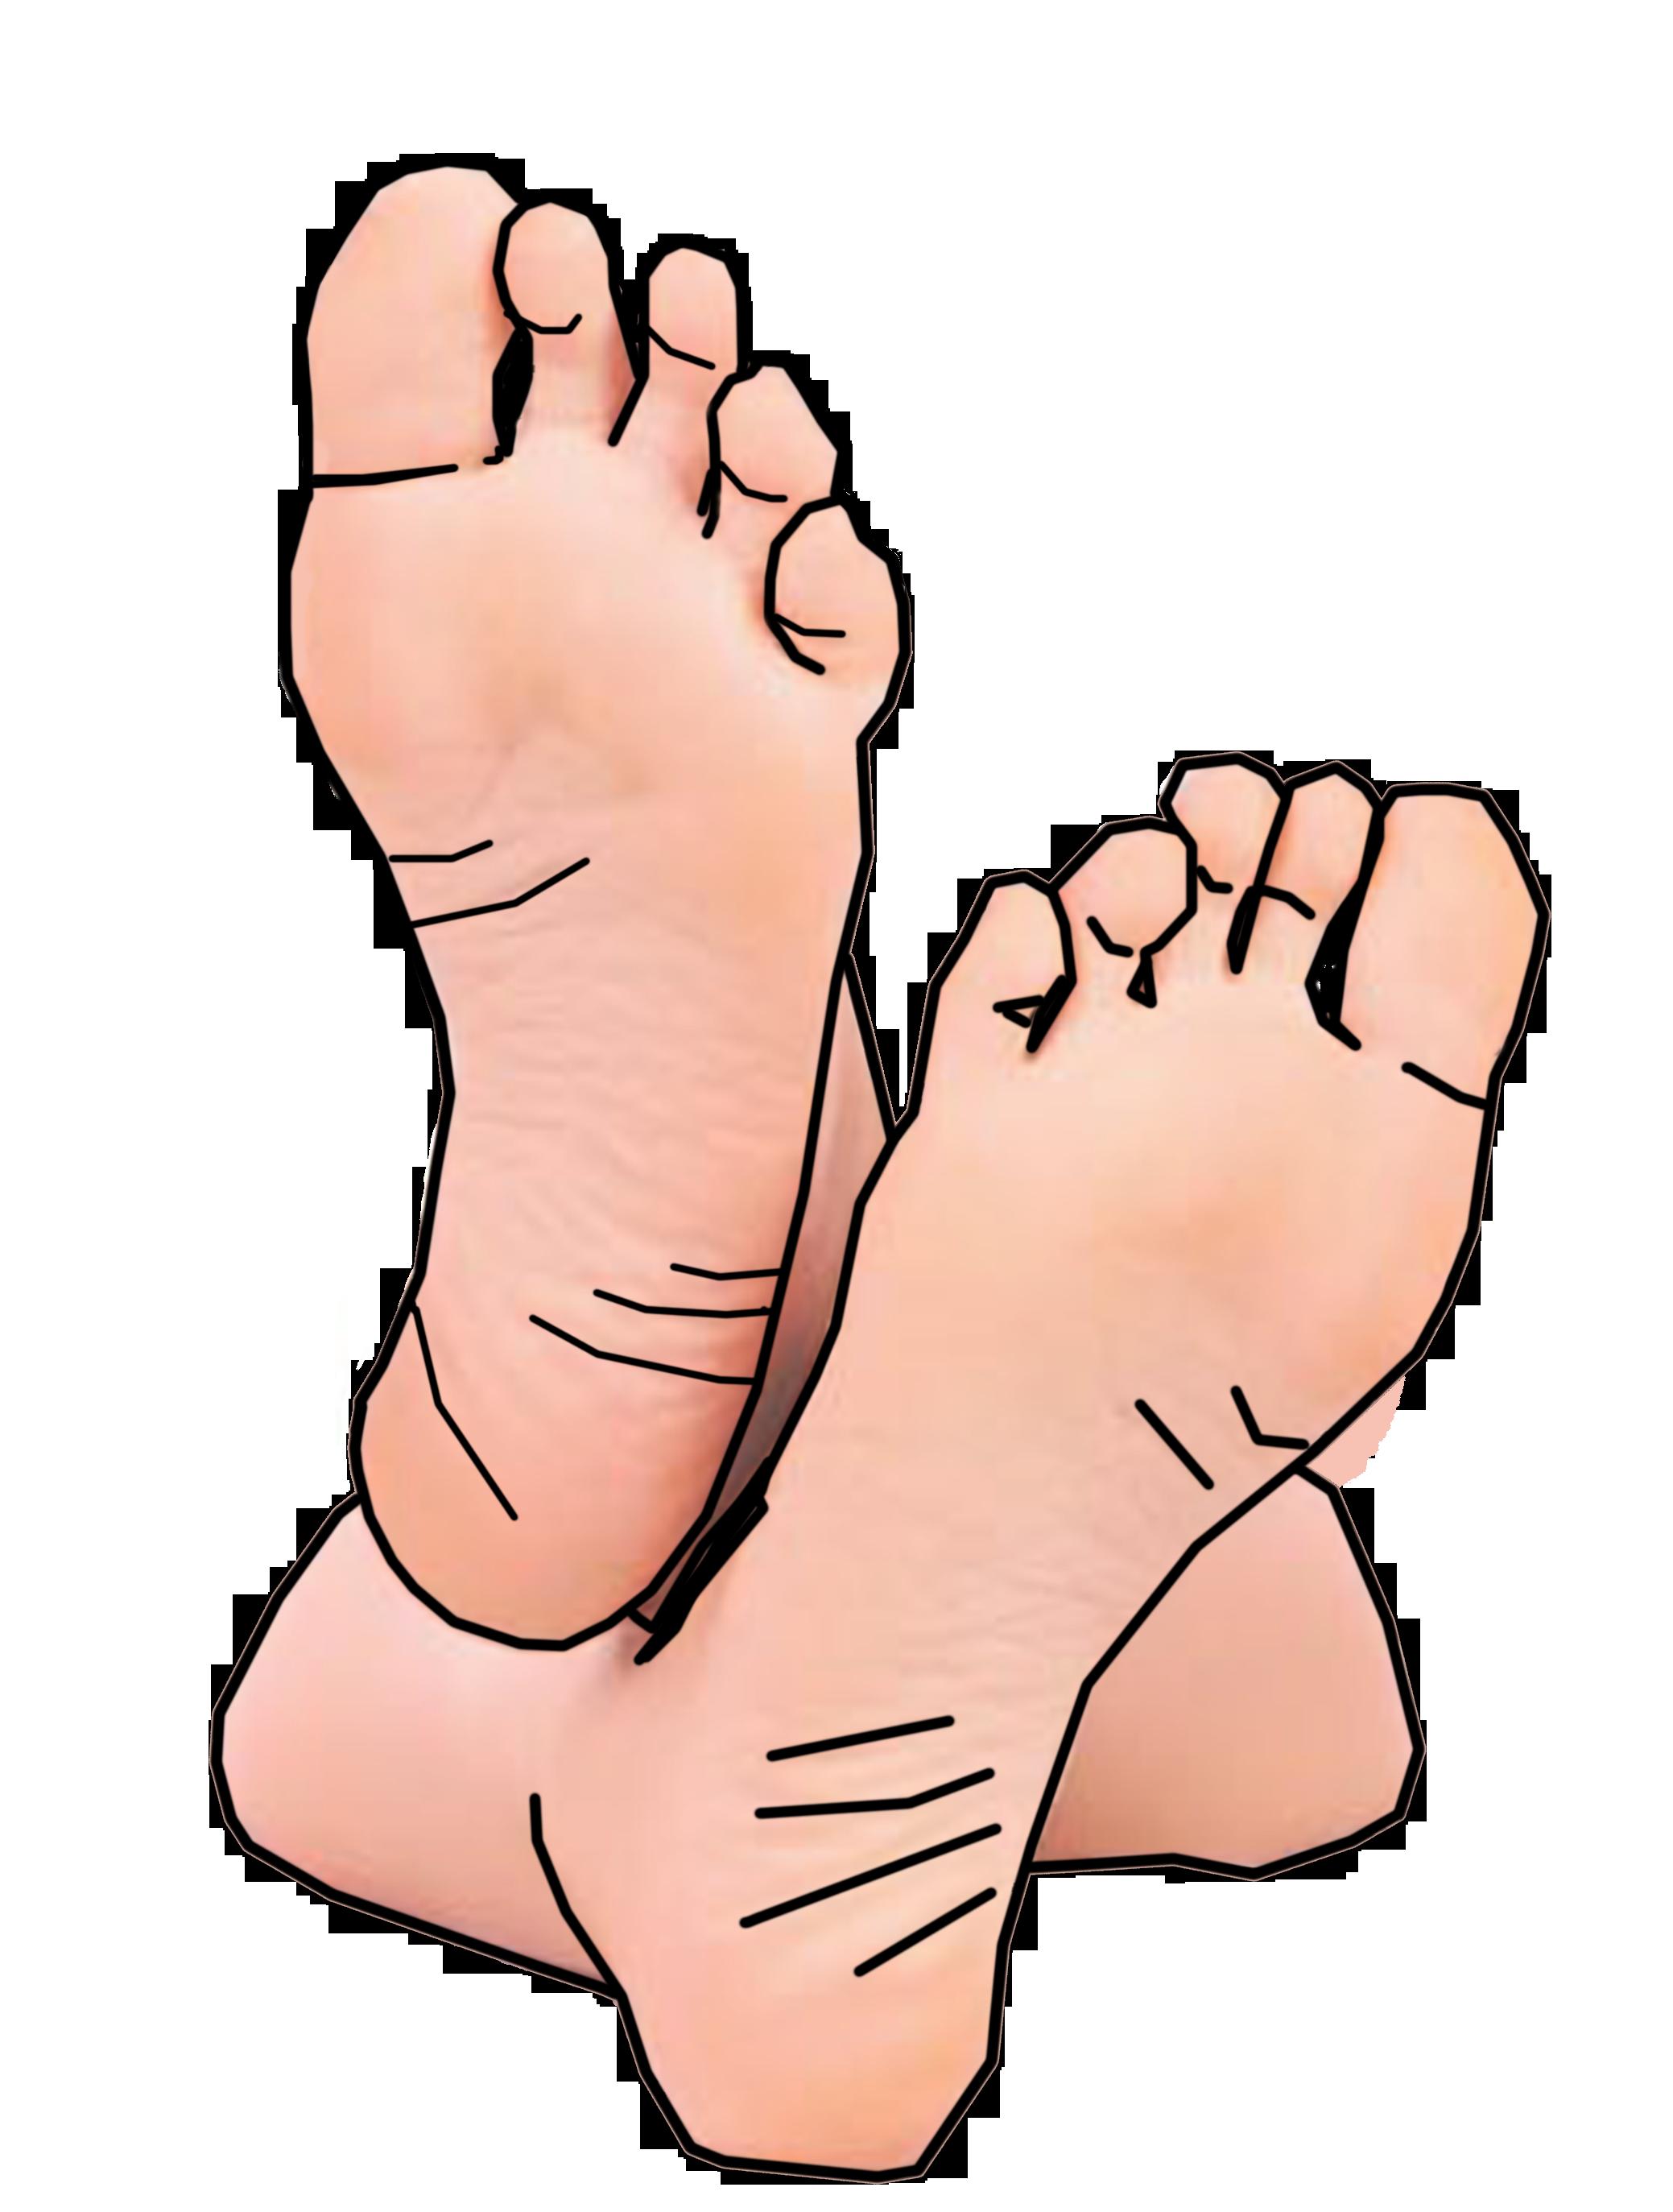 2078x2747 Bare Feet Clip Art Feetsies Image Feet Feet